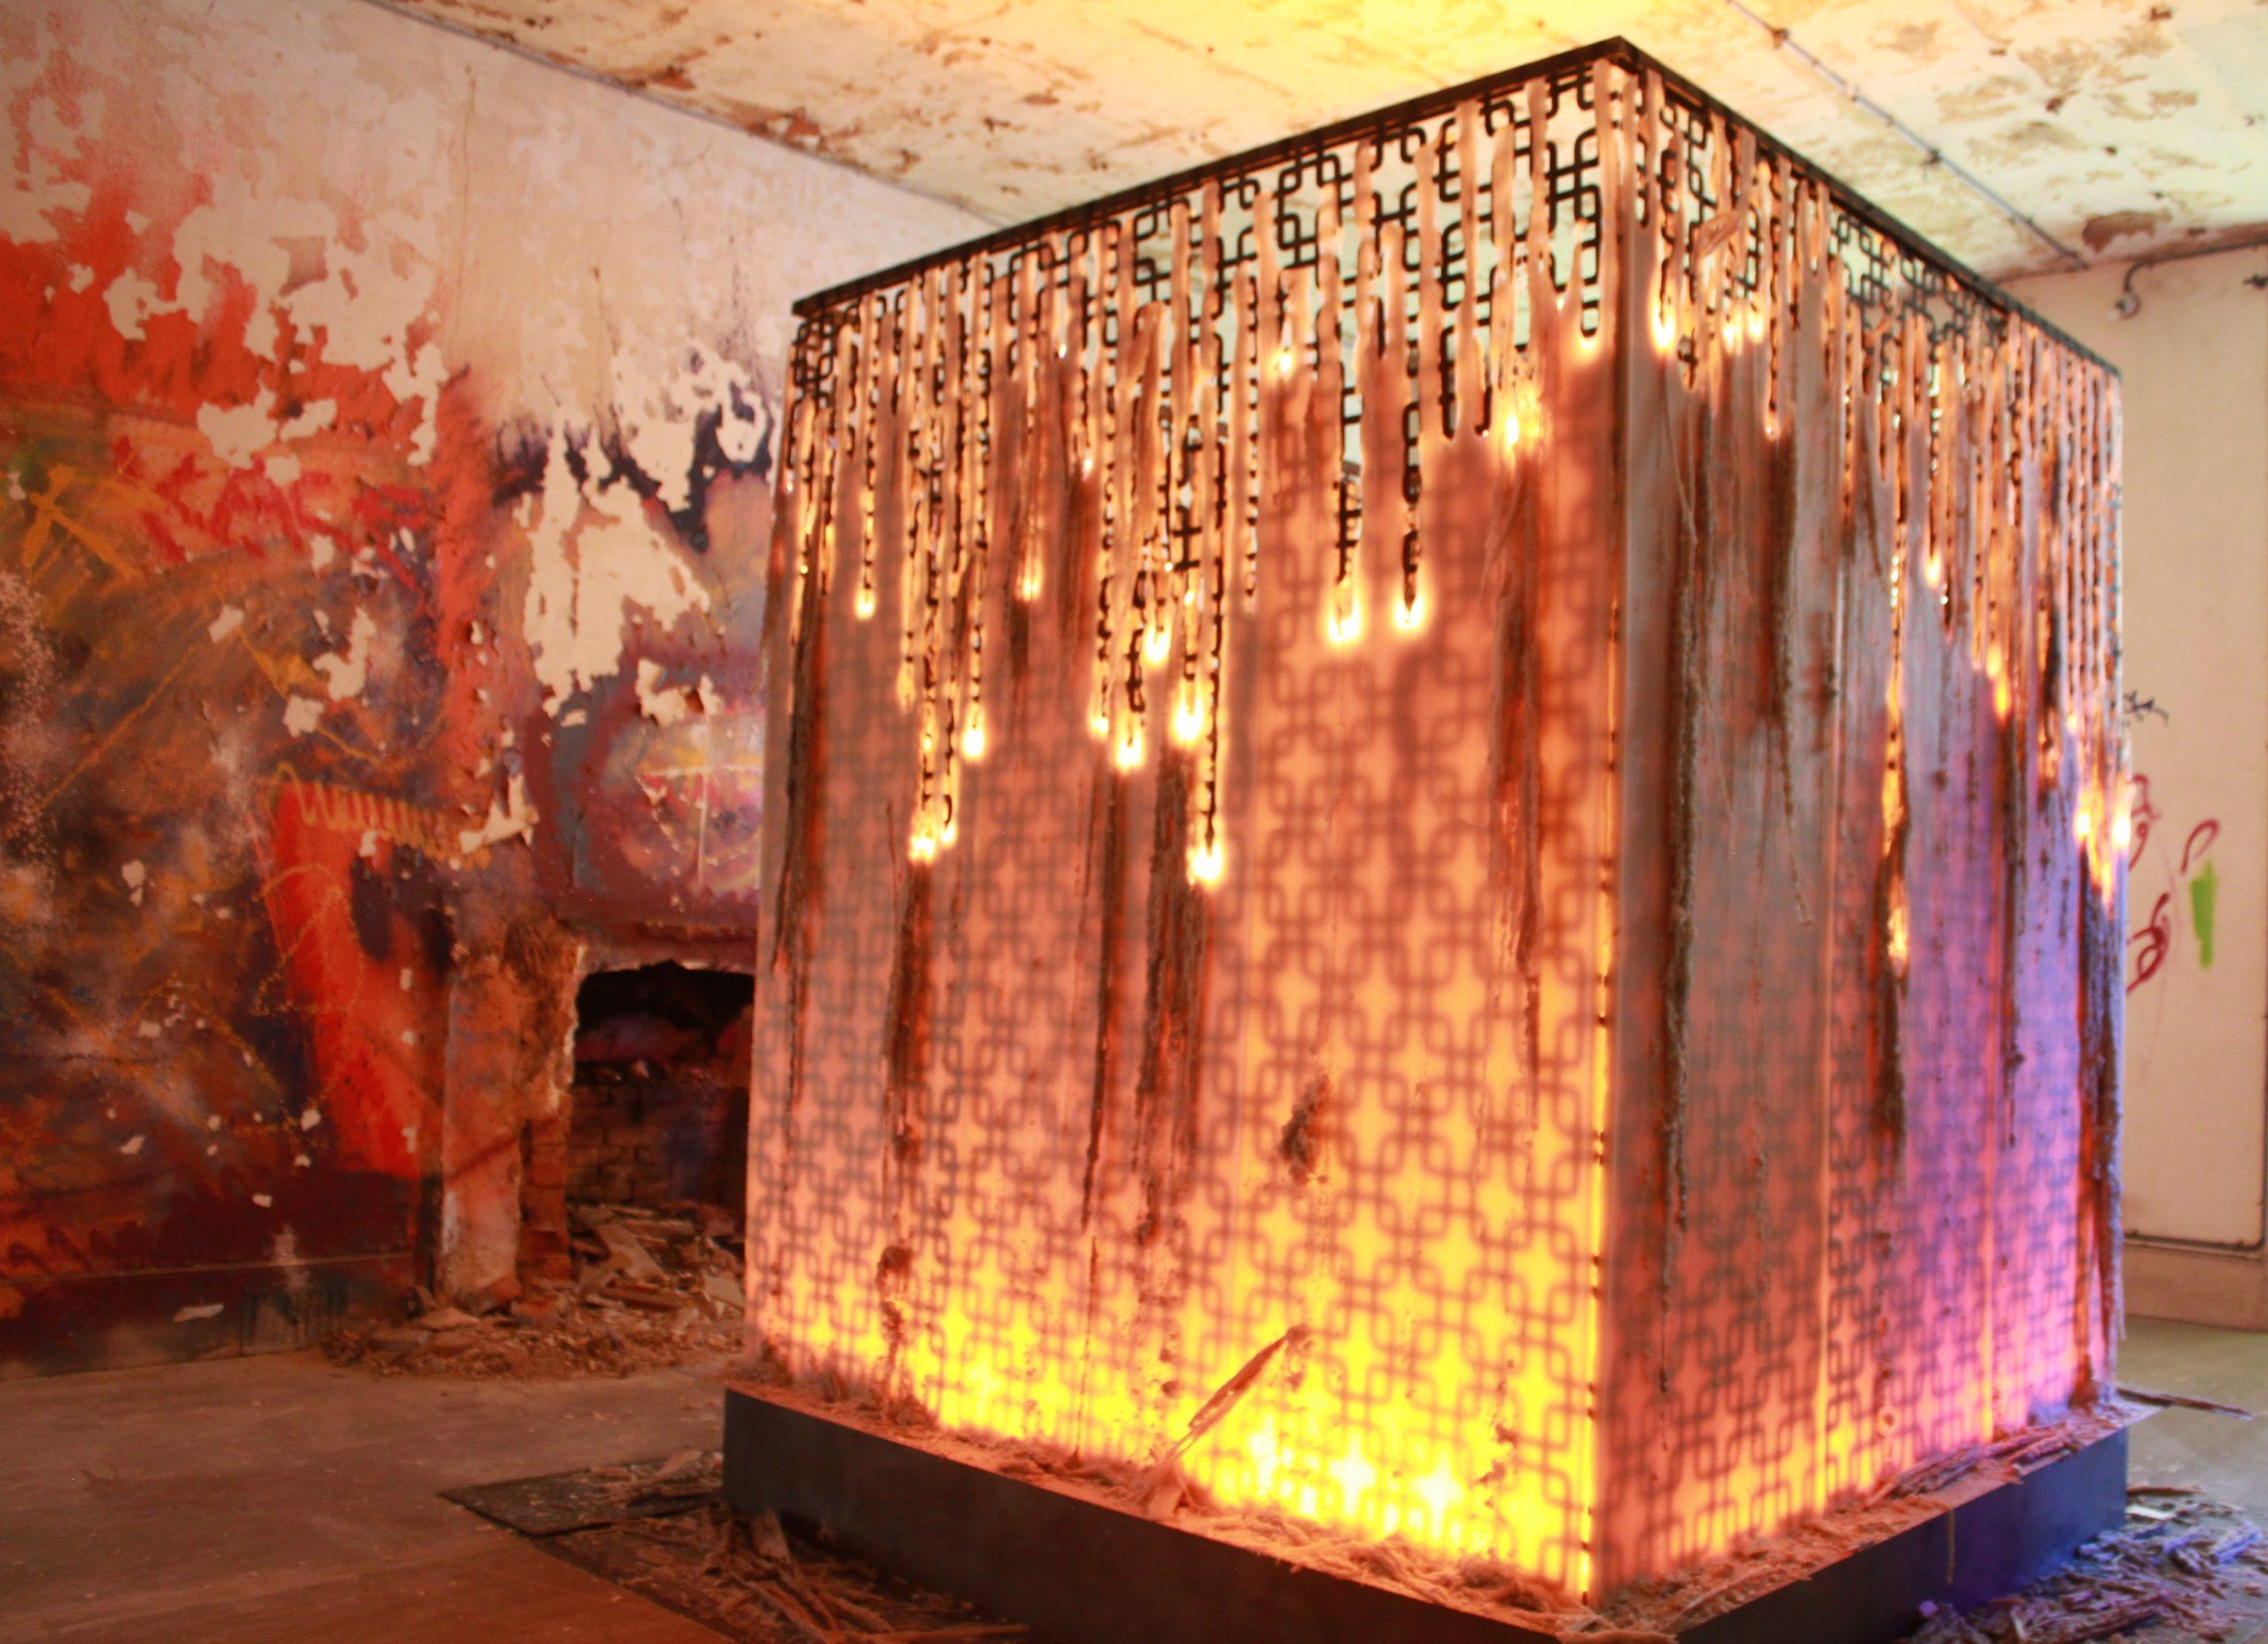 GARDEN PARTY URBEX installation Juliette Minchin 2 credit Juliette Minchin 2020